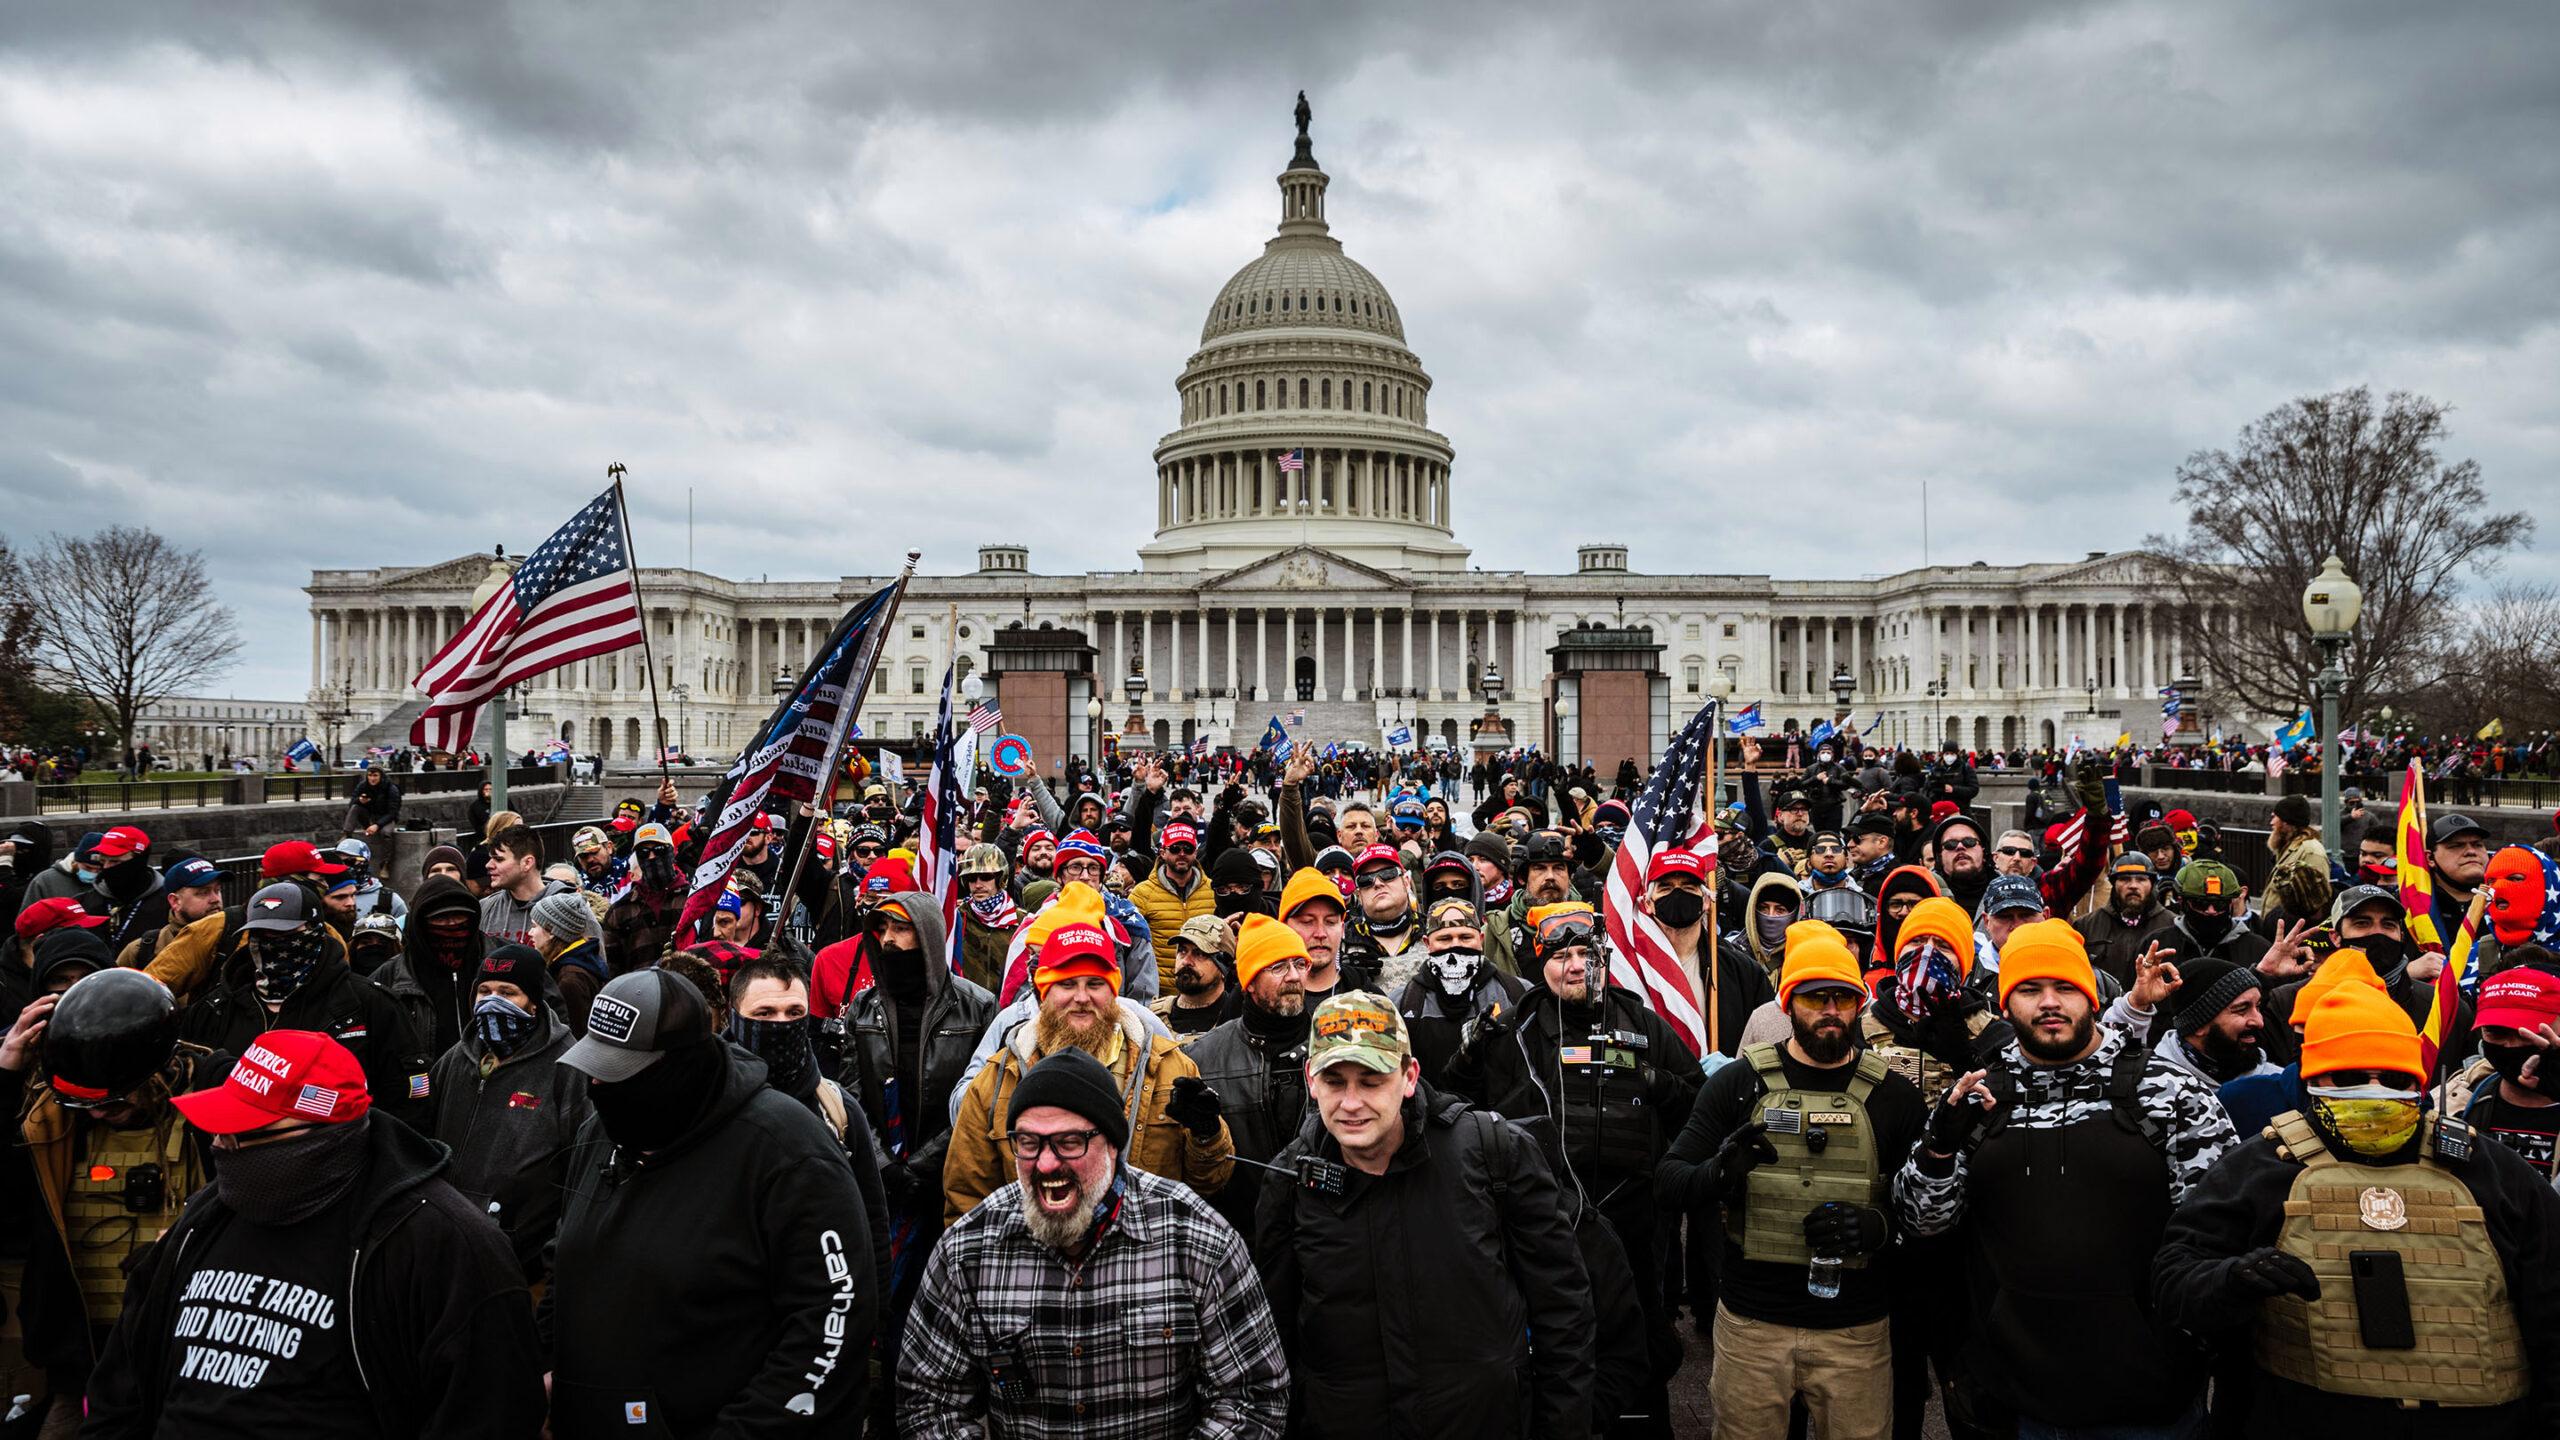 Situație fără precedent în istoria SUA. Proteste și asasinate la Washington D.C. Donald Trump a decretat stare de urgență